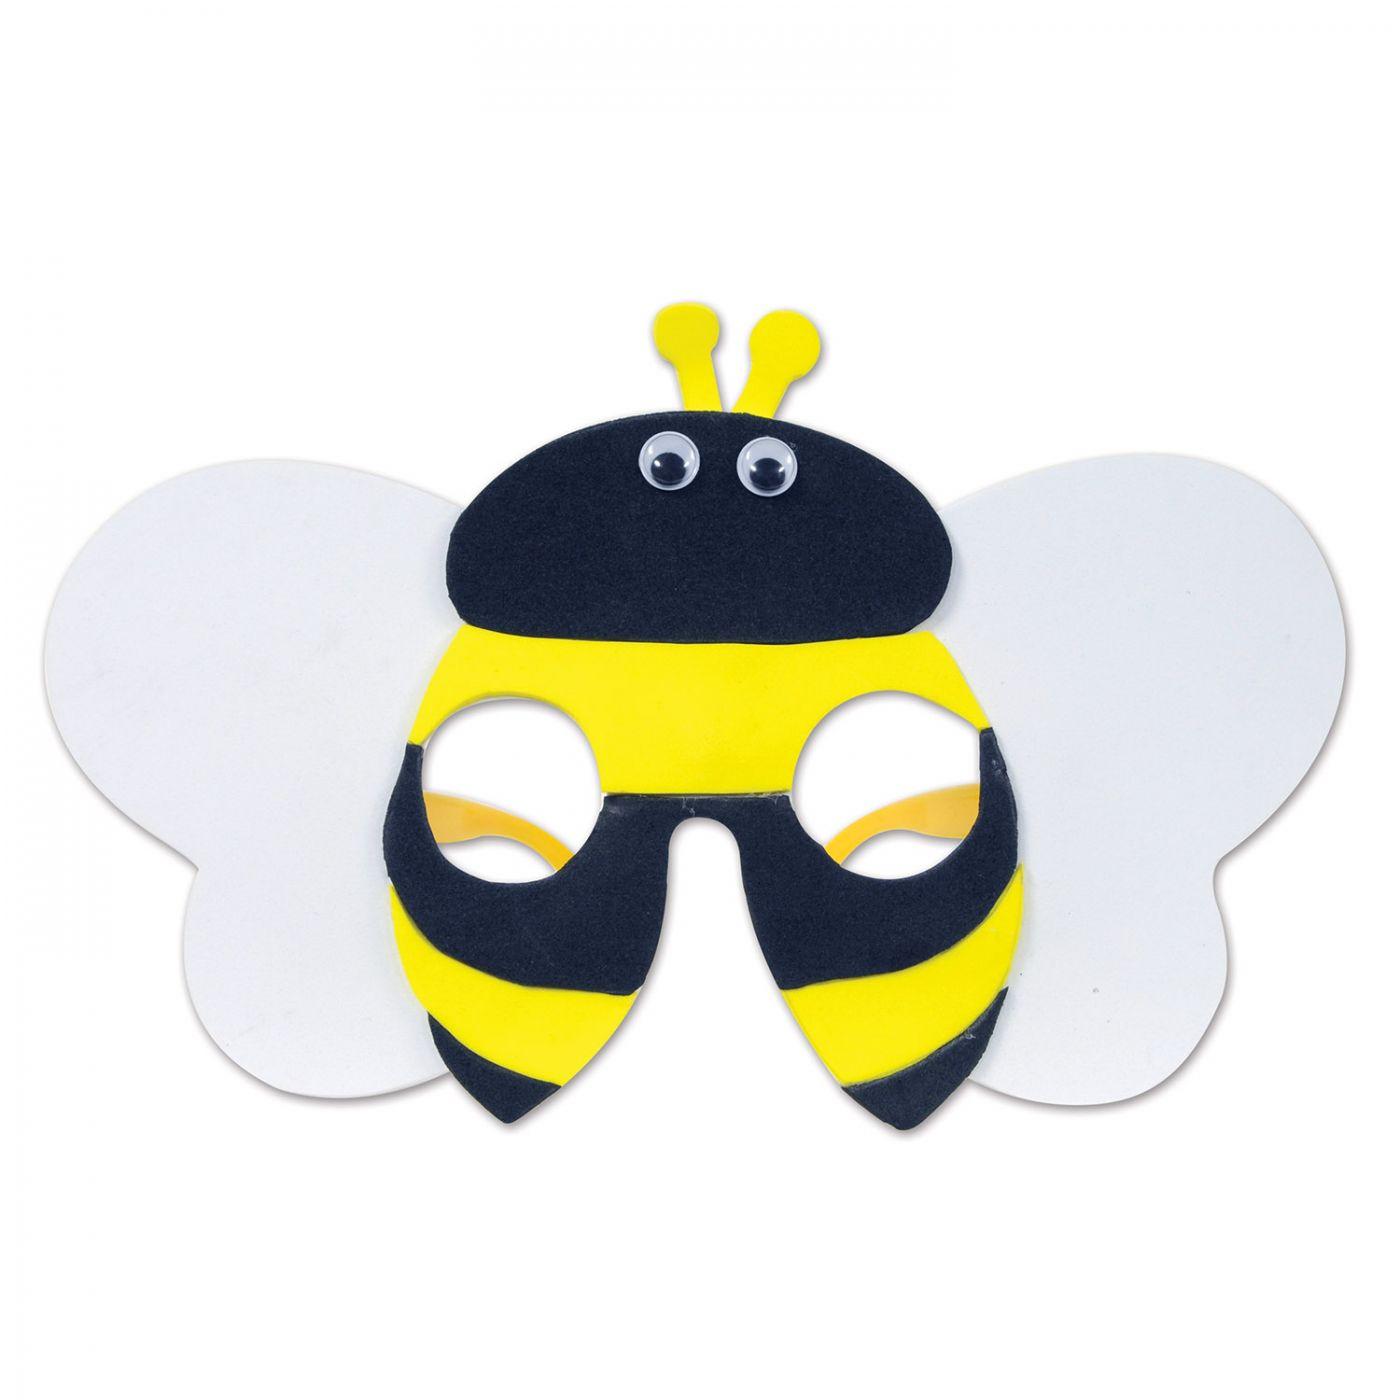 Image of Bumblebee Glasses